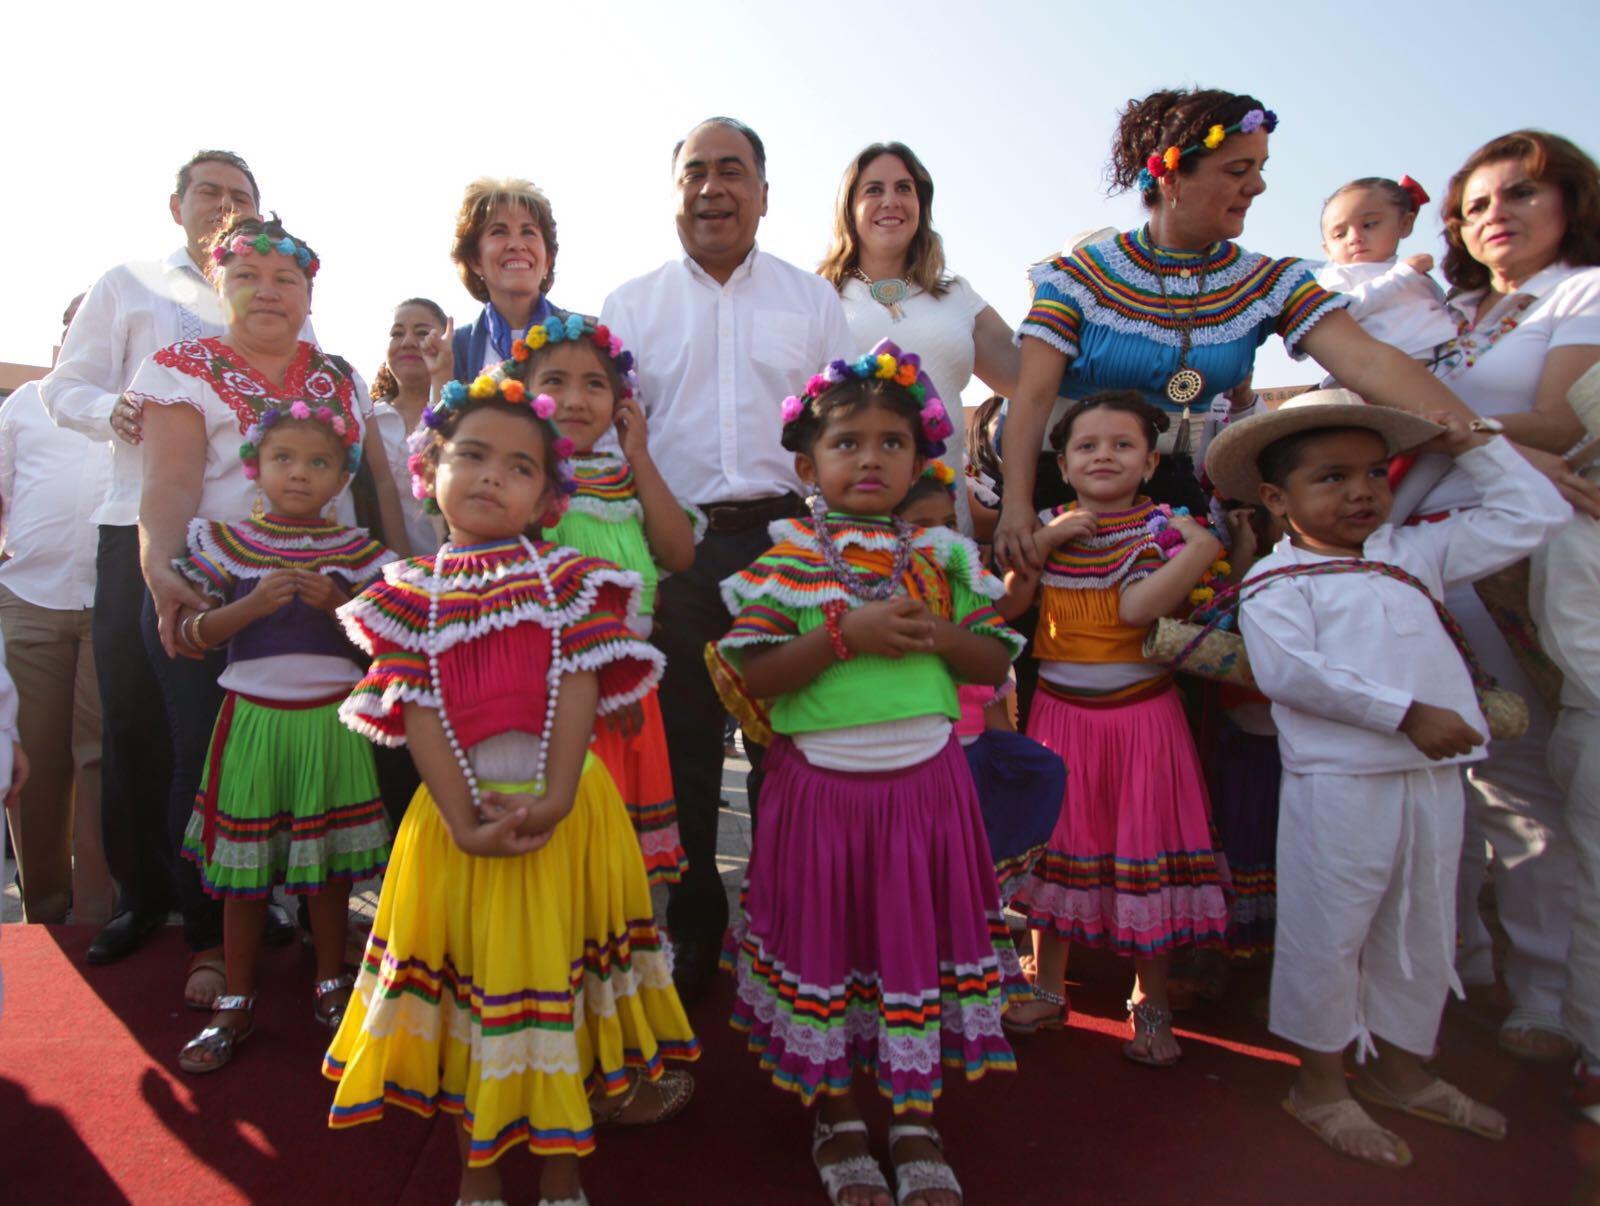 """Astudillo Flores, mencionó que durante los últimos días, Guerrero ha realizo eventos de gran relevancia como el Tianguis Turístico y la Convención Bancaria, eventos que resultaron muy exitosos para impulsar la imagen del estado: """"Ha sido el mes de marzo un mes muy bueno para Guerrero"""", afirmó."""